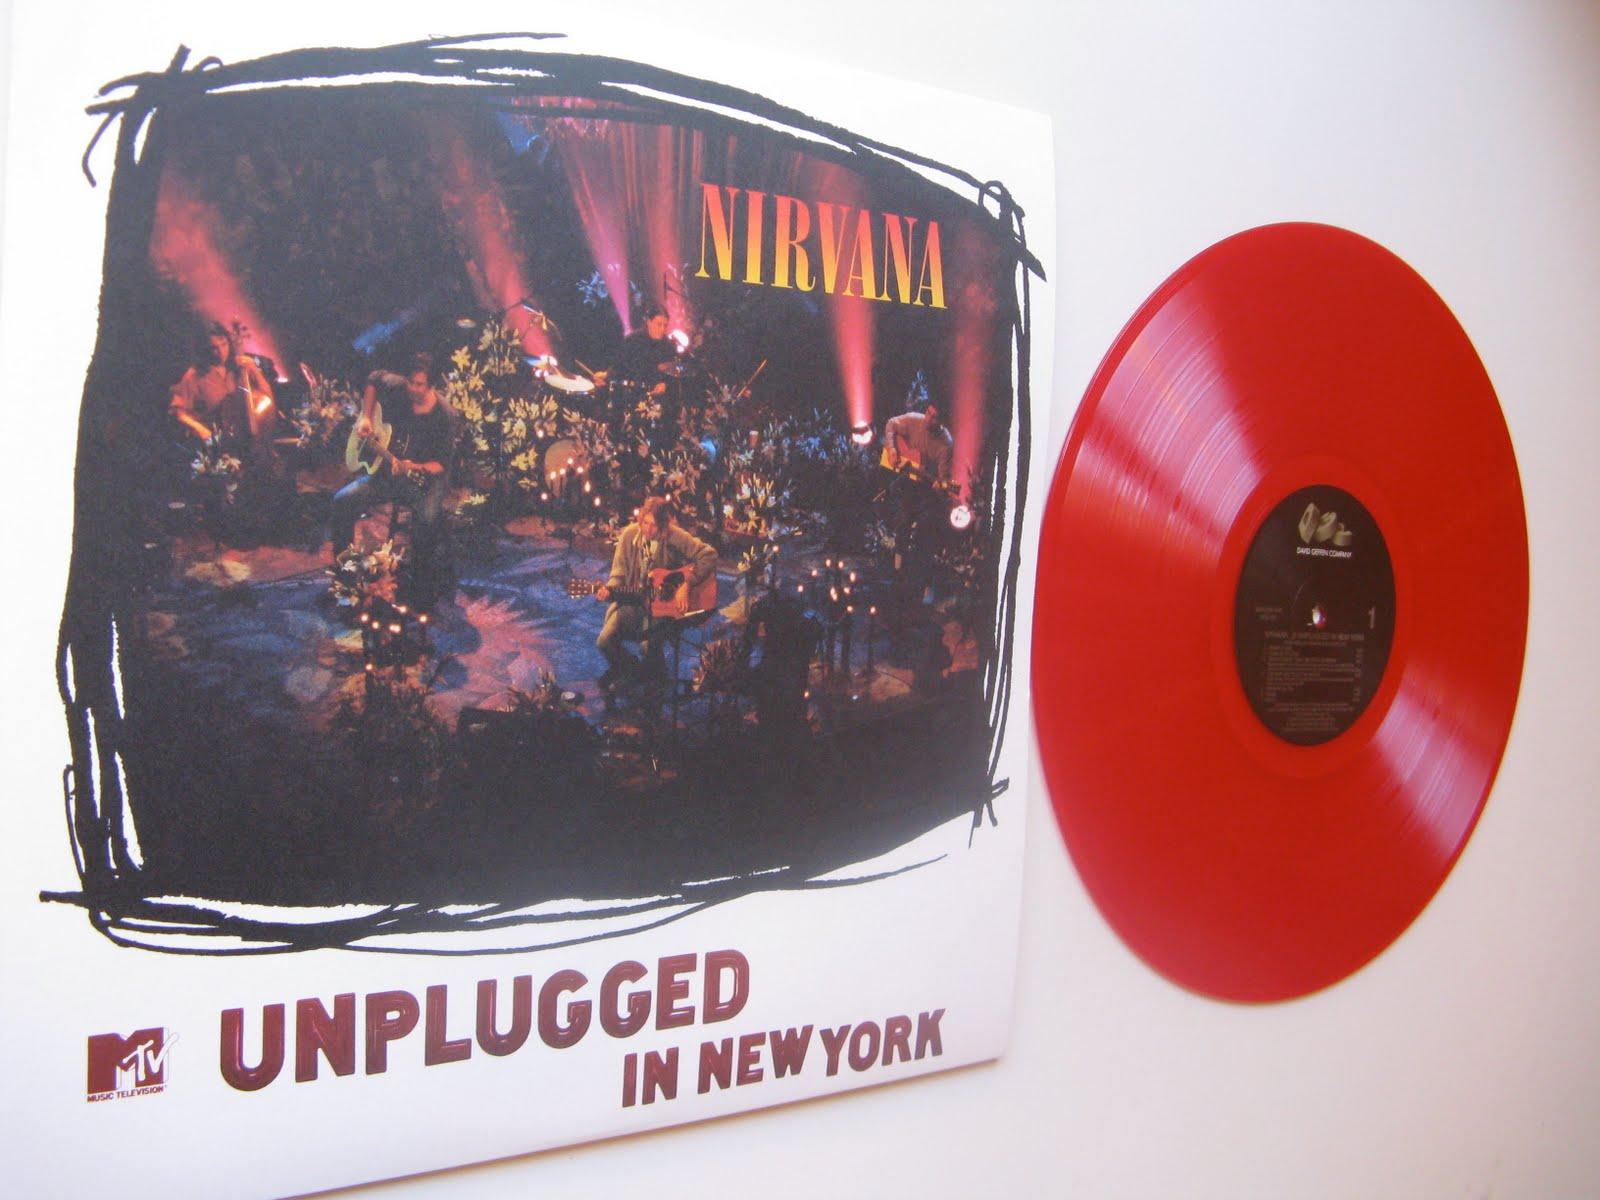 Vinyl Abuse Nirvana Reissues